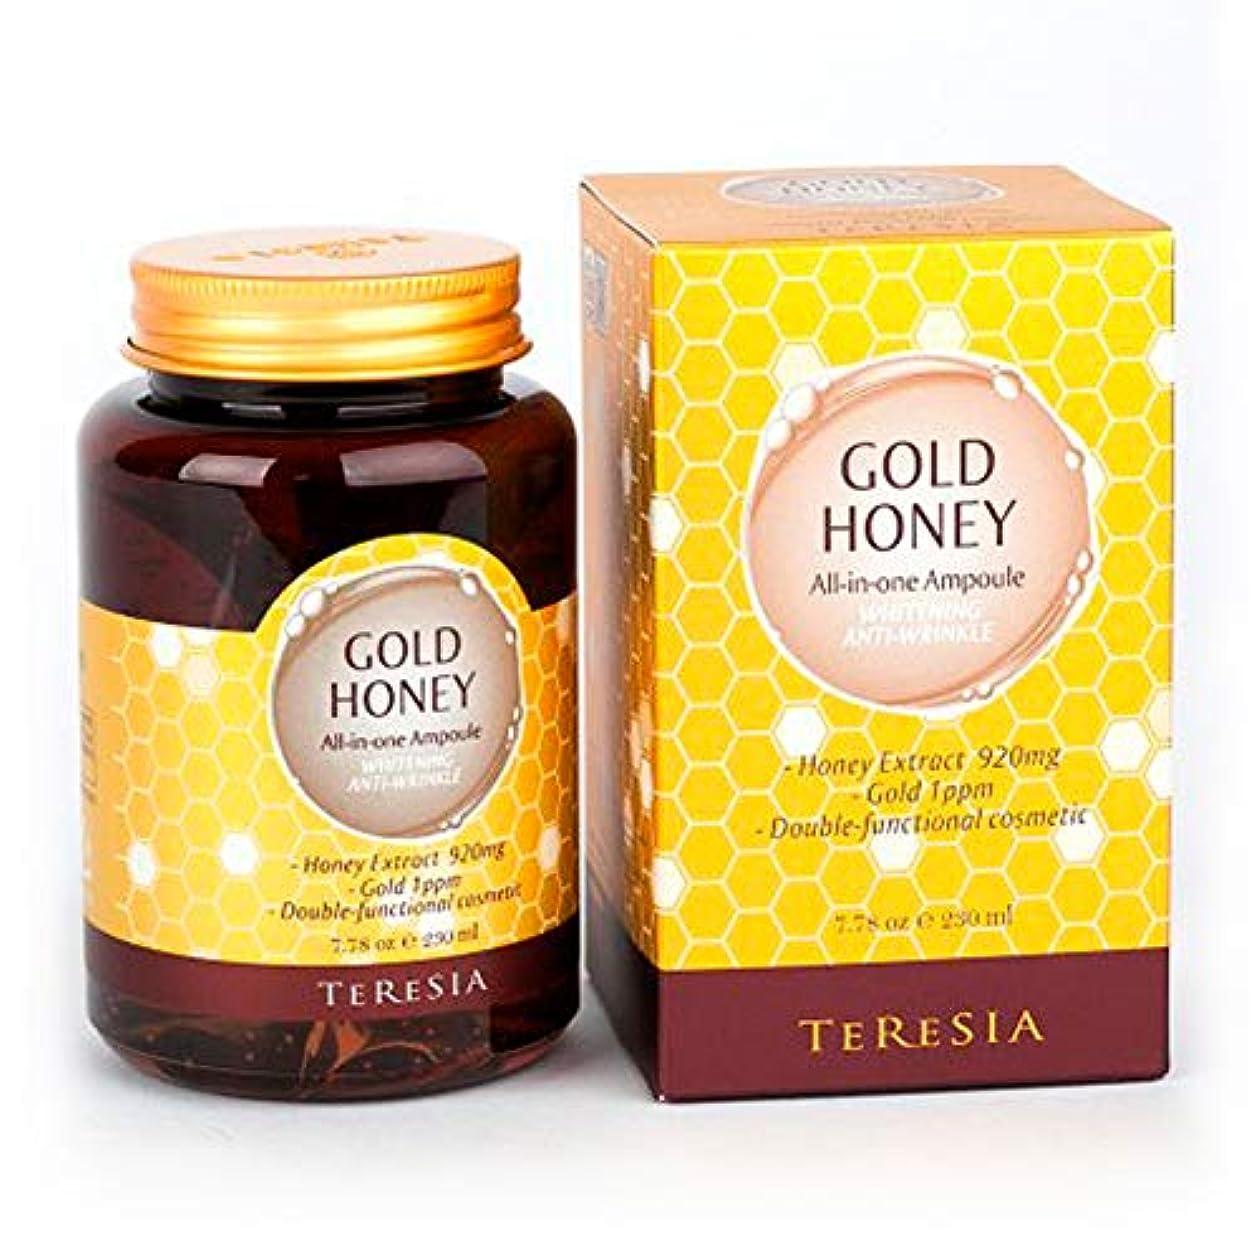 窓医療過誤レビュー[(テルシア)TERESIA] テルシア·ゴールドハニー大容量 230ml オールインワン·アンプル シワ,美白二重機能性化粧品